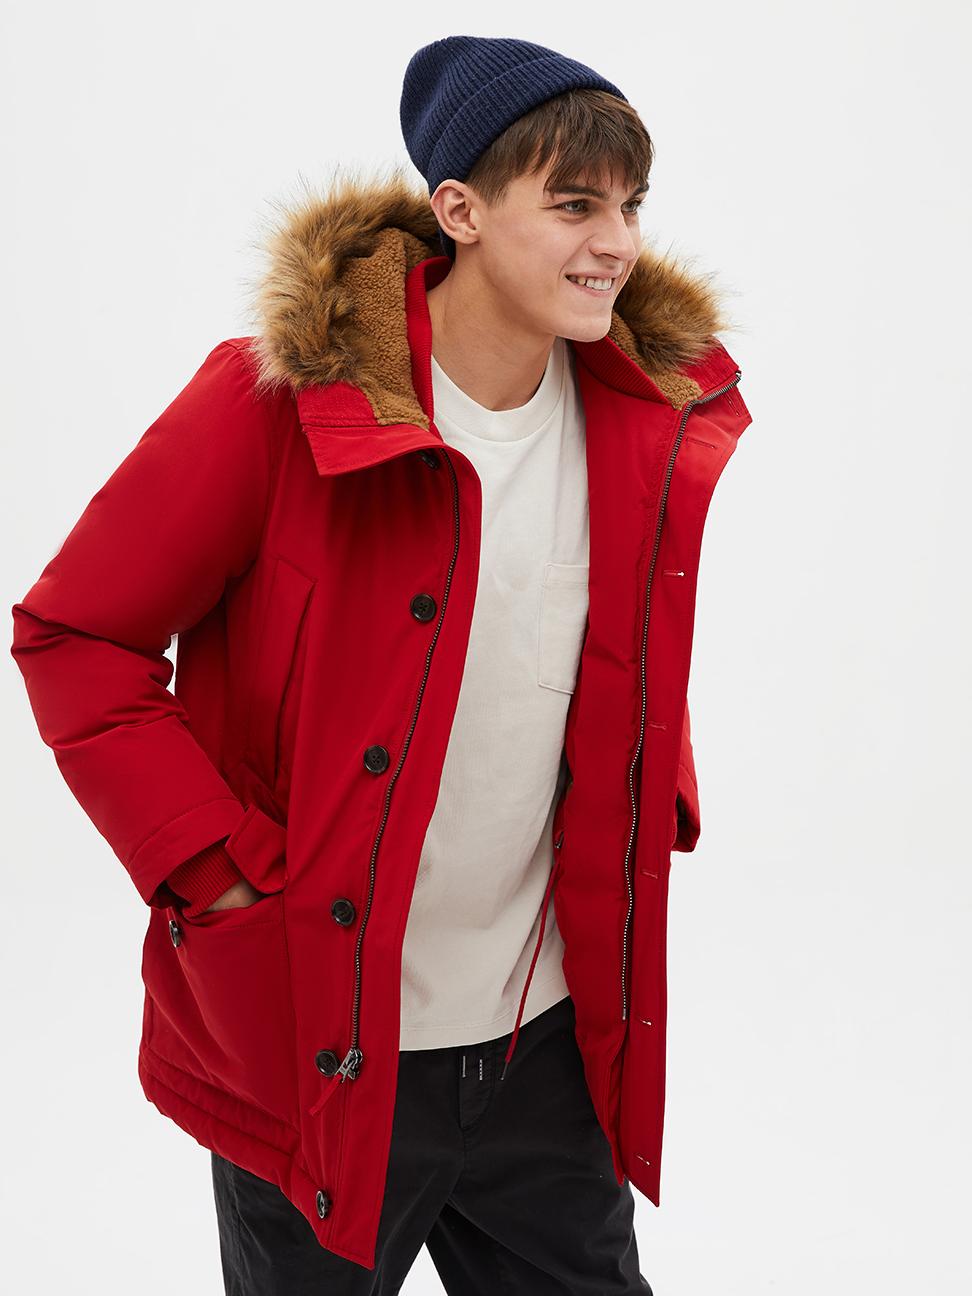 男裝 簡約風仿毛邊連帽派克大衣